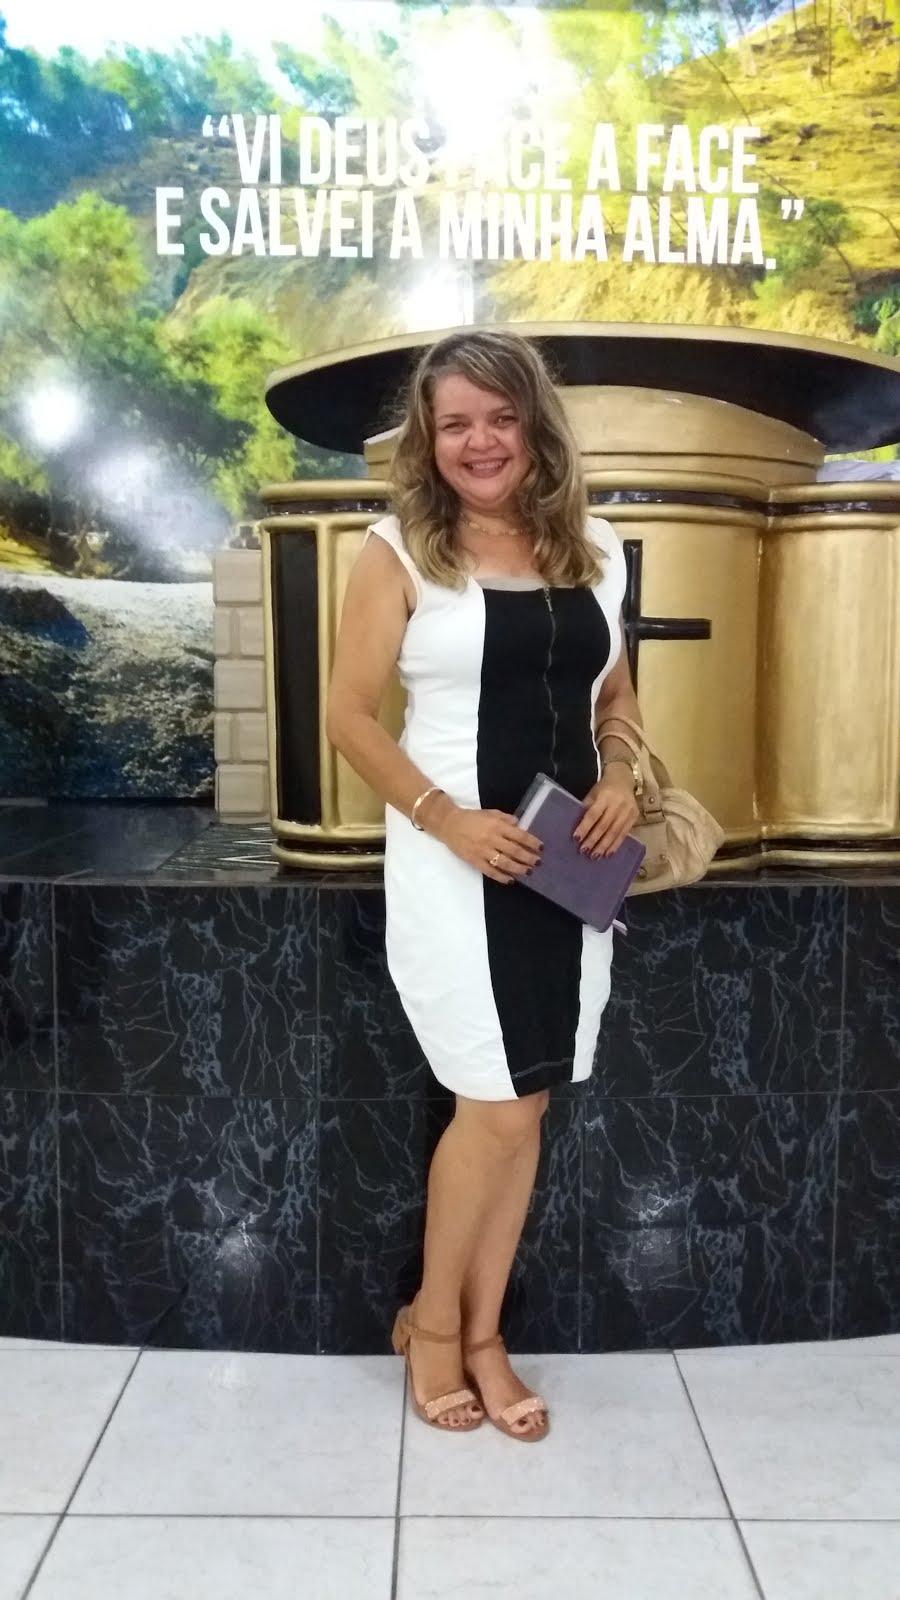 JAQUELINA NASCIMENTO-ENFERMEIRA AUDITORA, JORNALISTA e ADVOGADA em construção